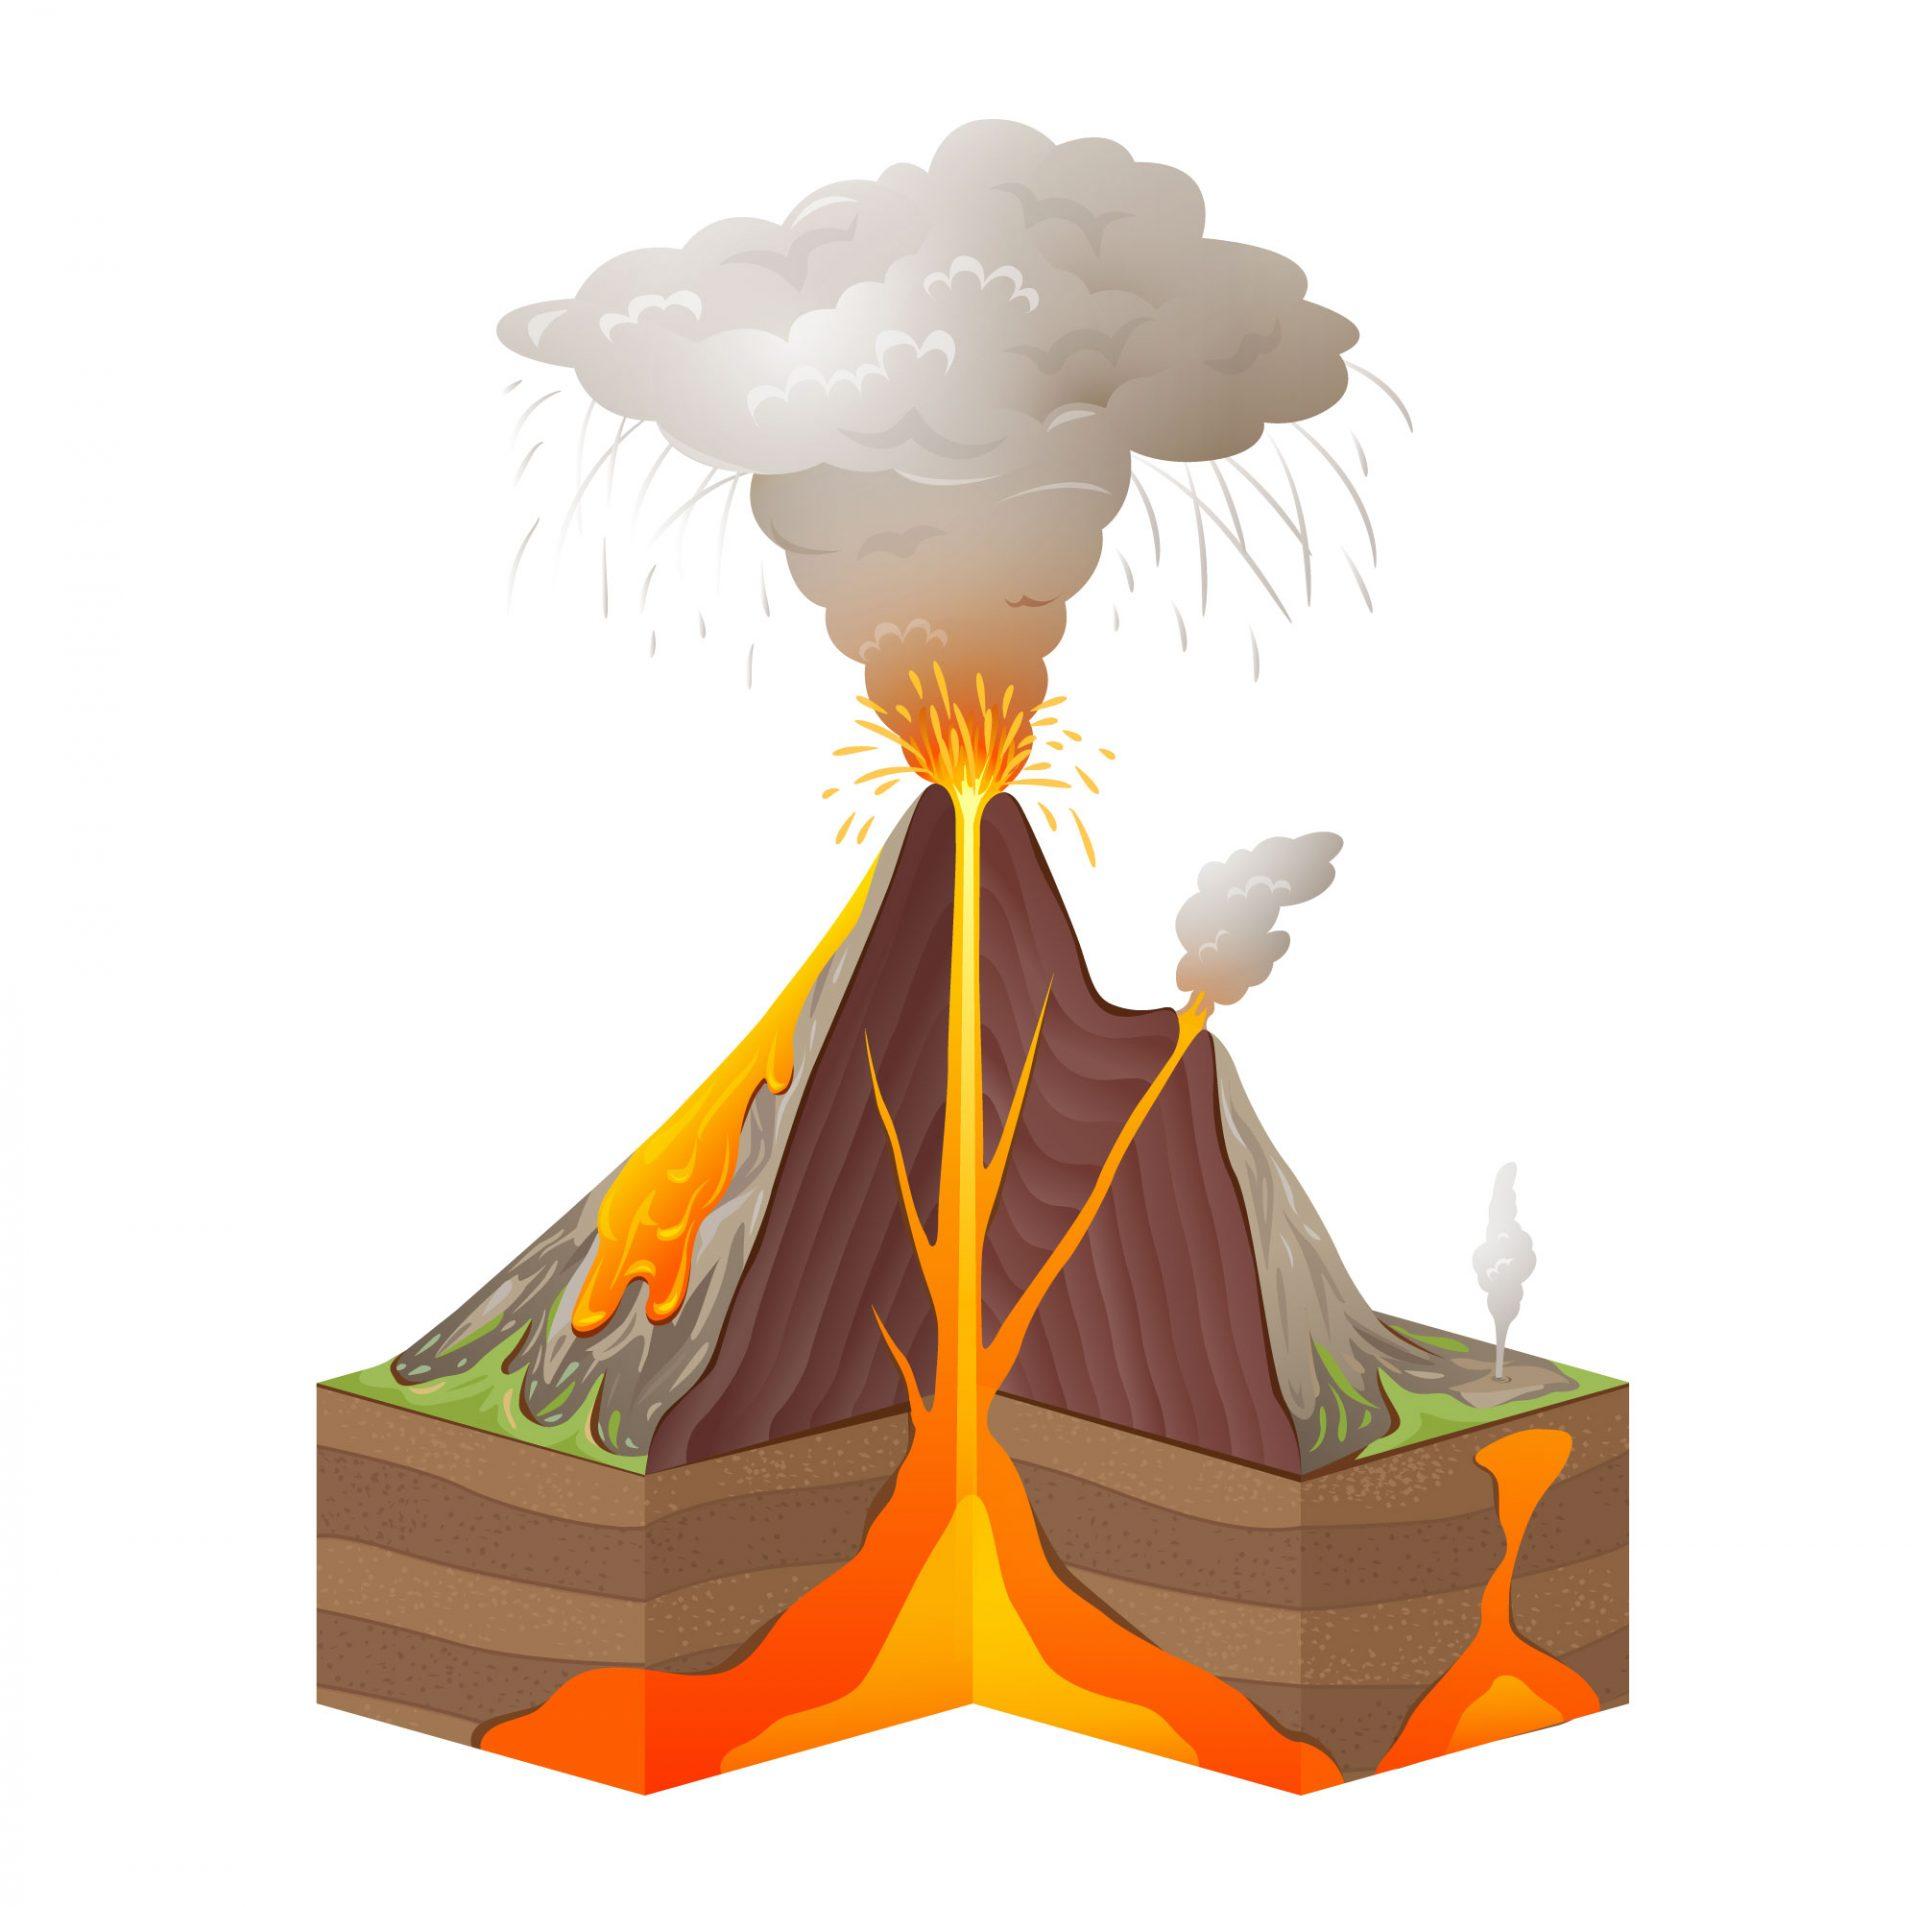 Vulkanutbrudd illustrert